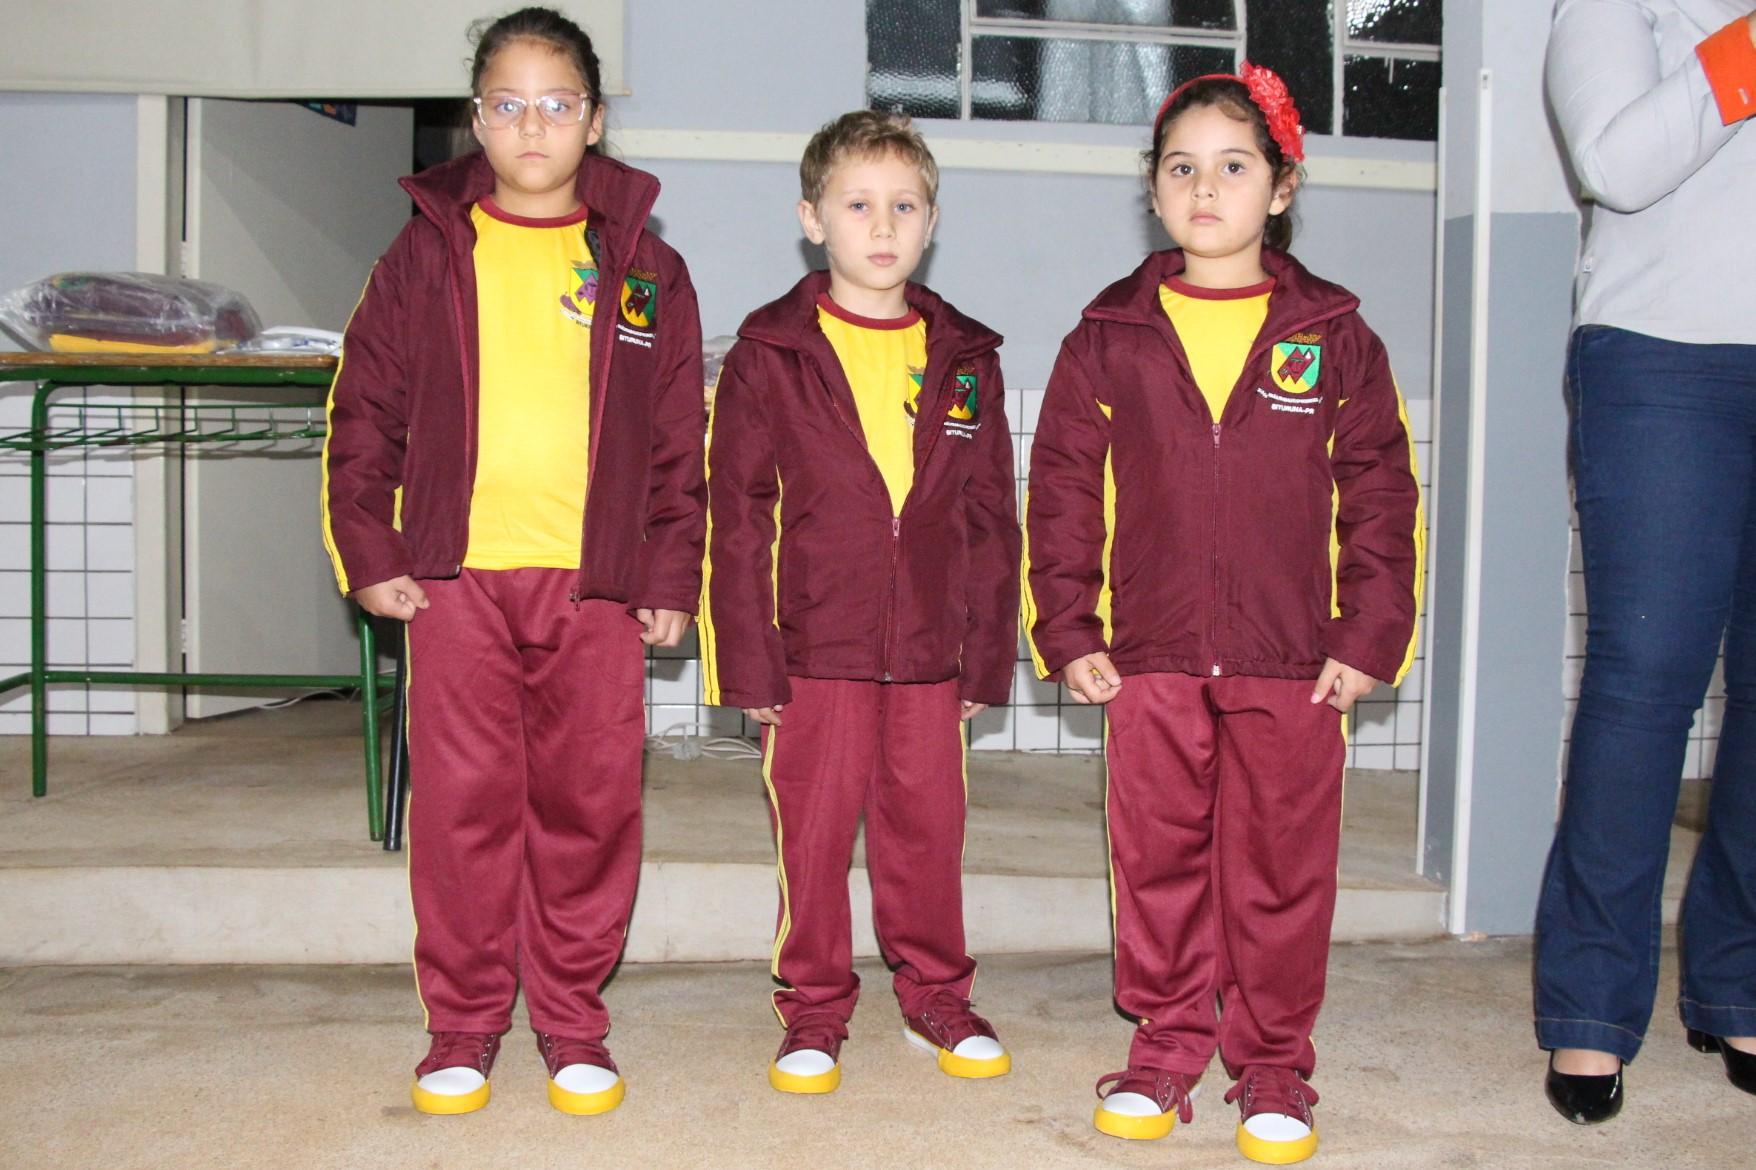 7b8b1a0ff3b93 Entrega de uniformes escolares é realizada em tempo recorde em 2019 ...